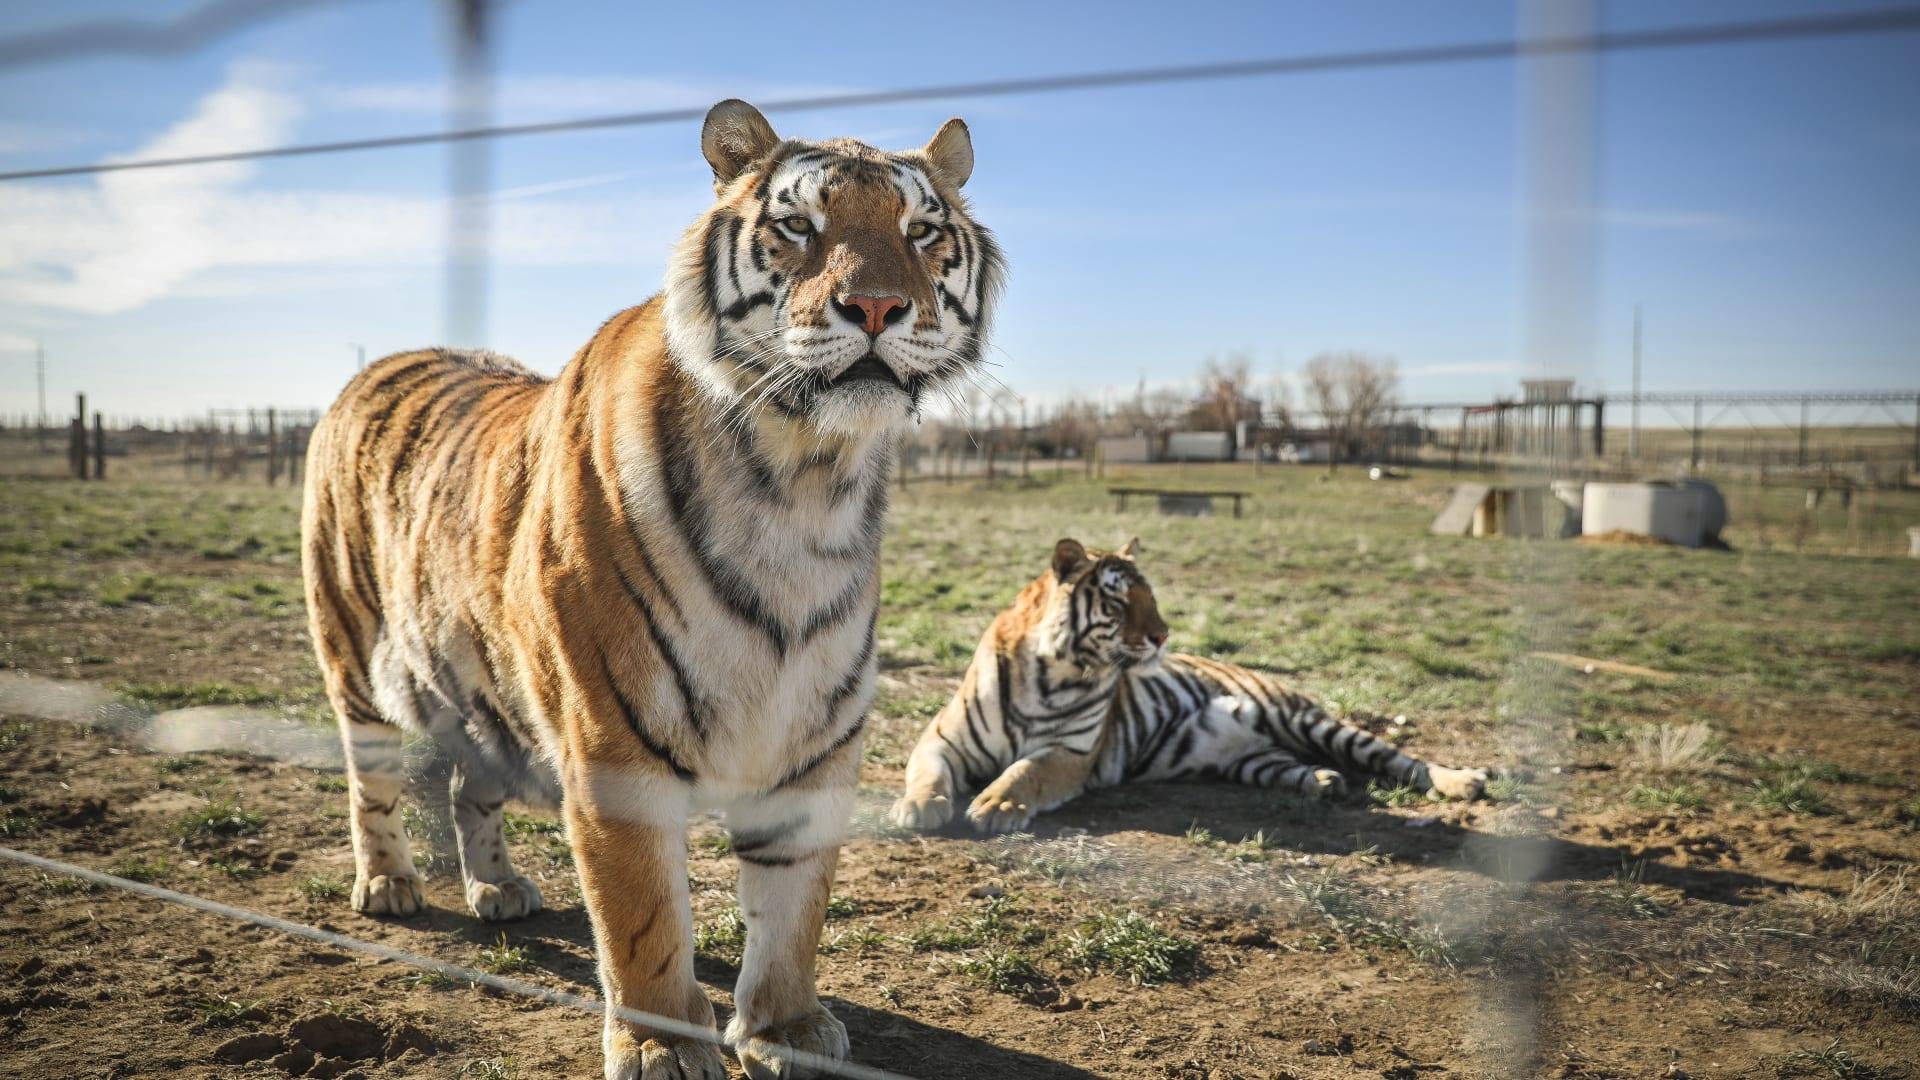 في حديقة حيوانات بنيويورك.. إصابة أول نمر بفيروس كورونا المستجد